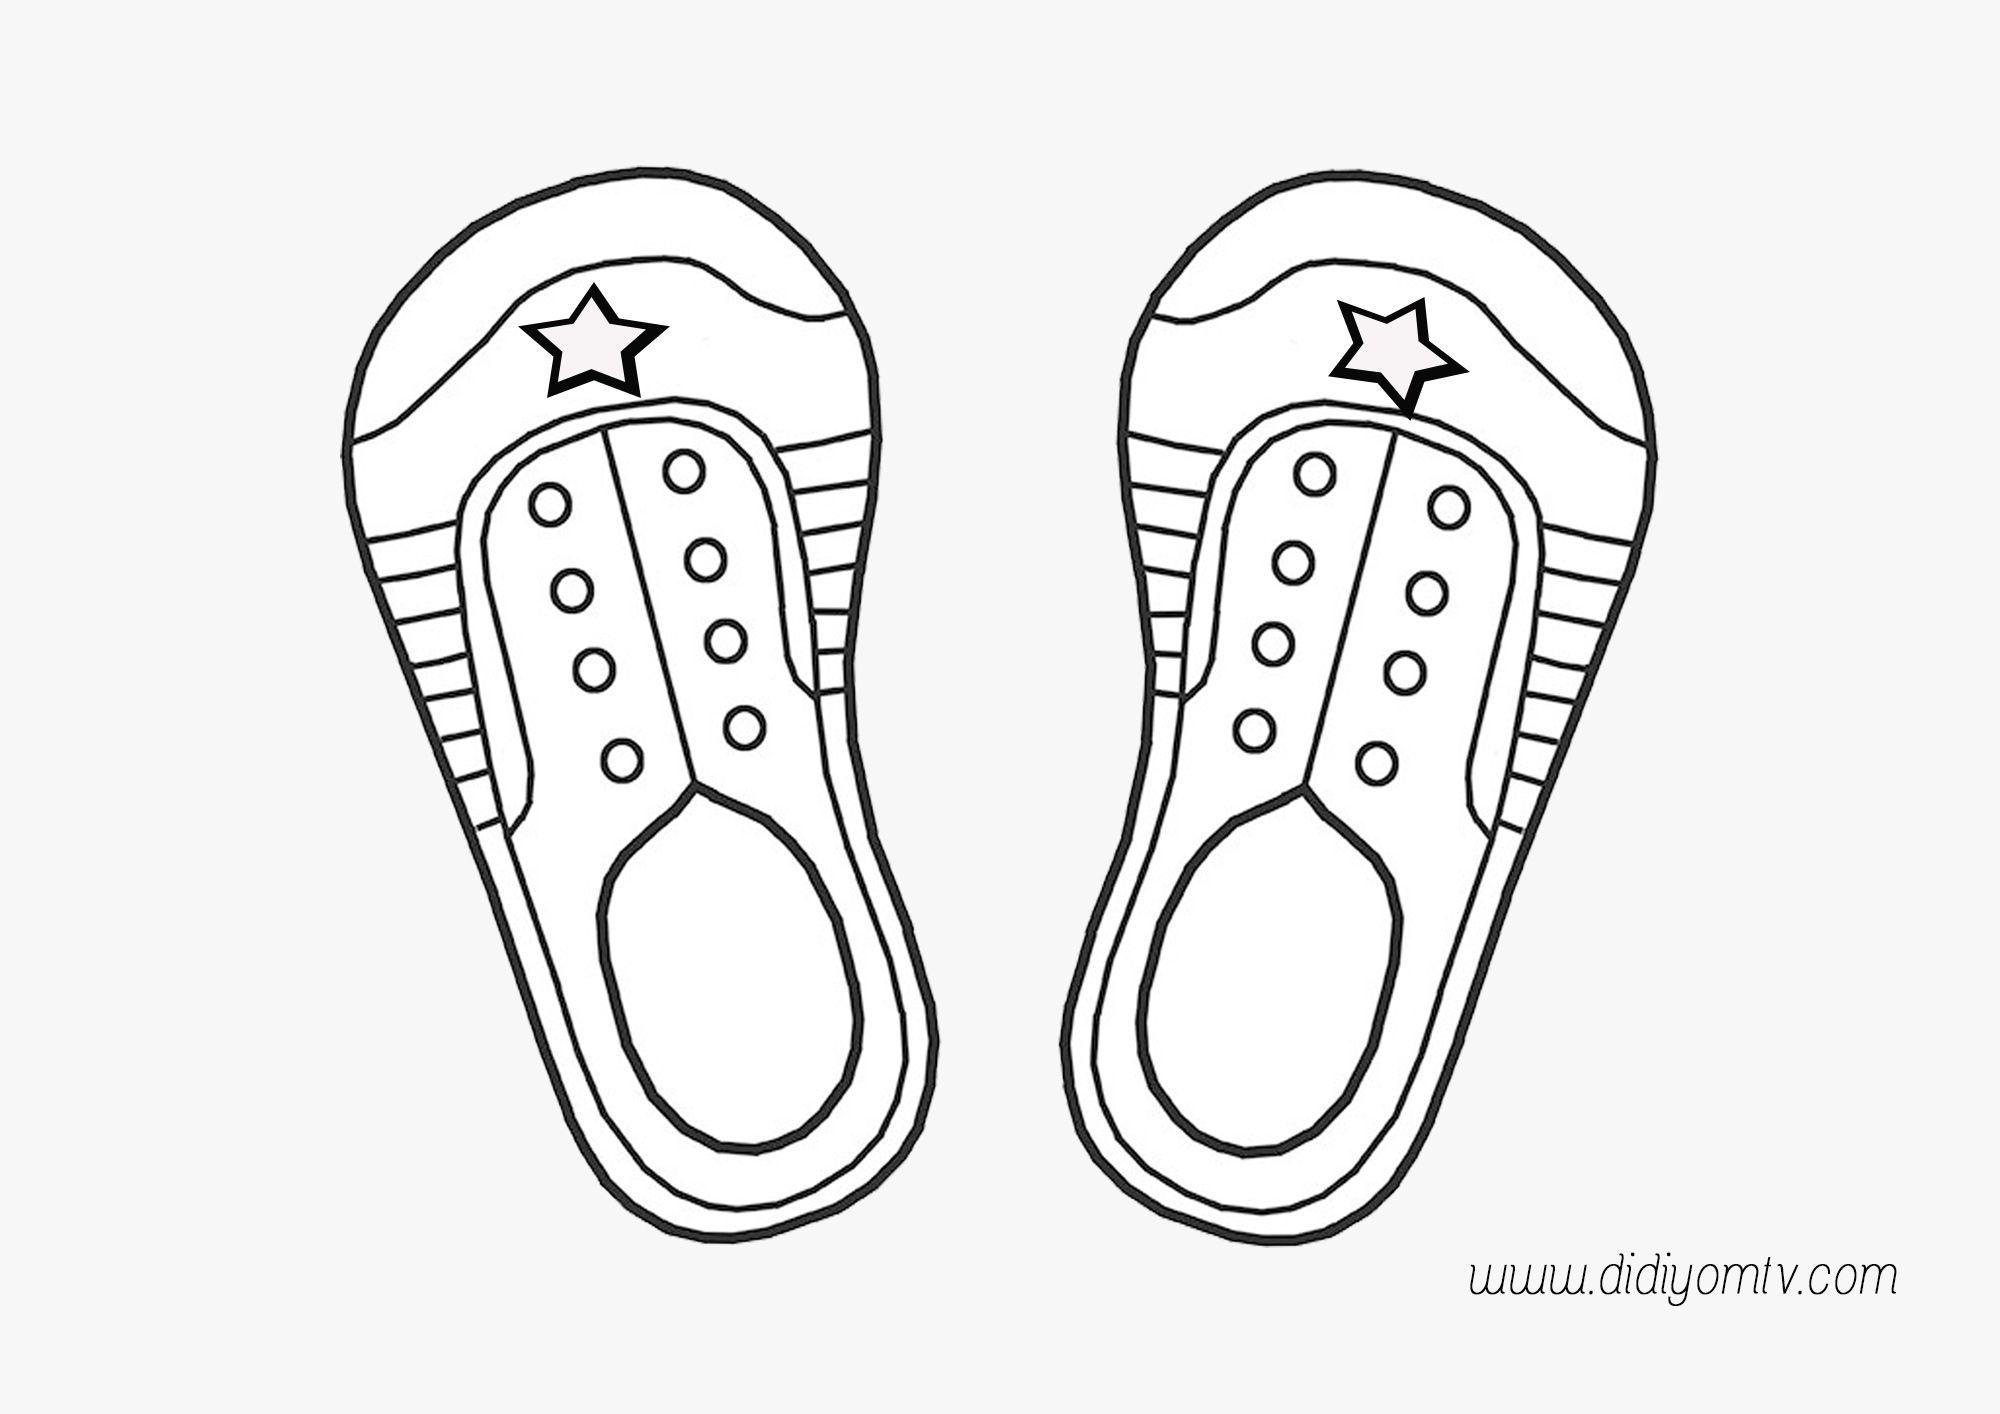 Ayakkabimi Bagliyorum Ayakkabi Bagcigi Etkinligi Boyama